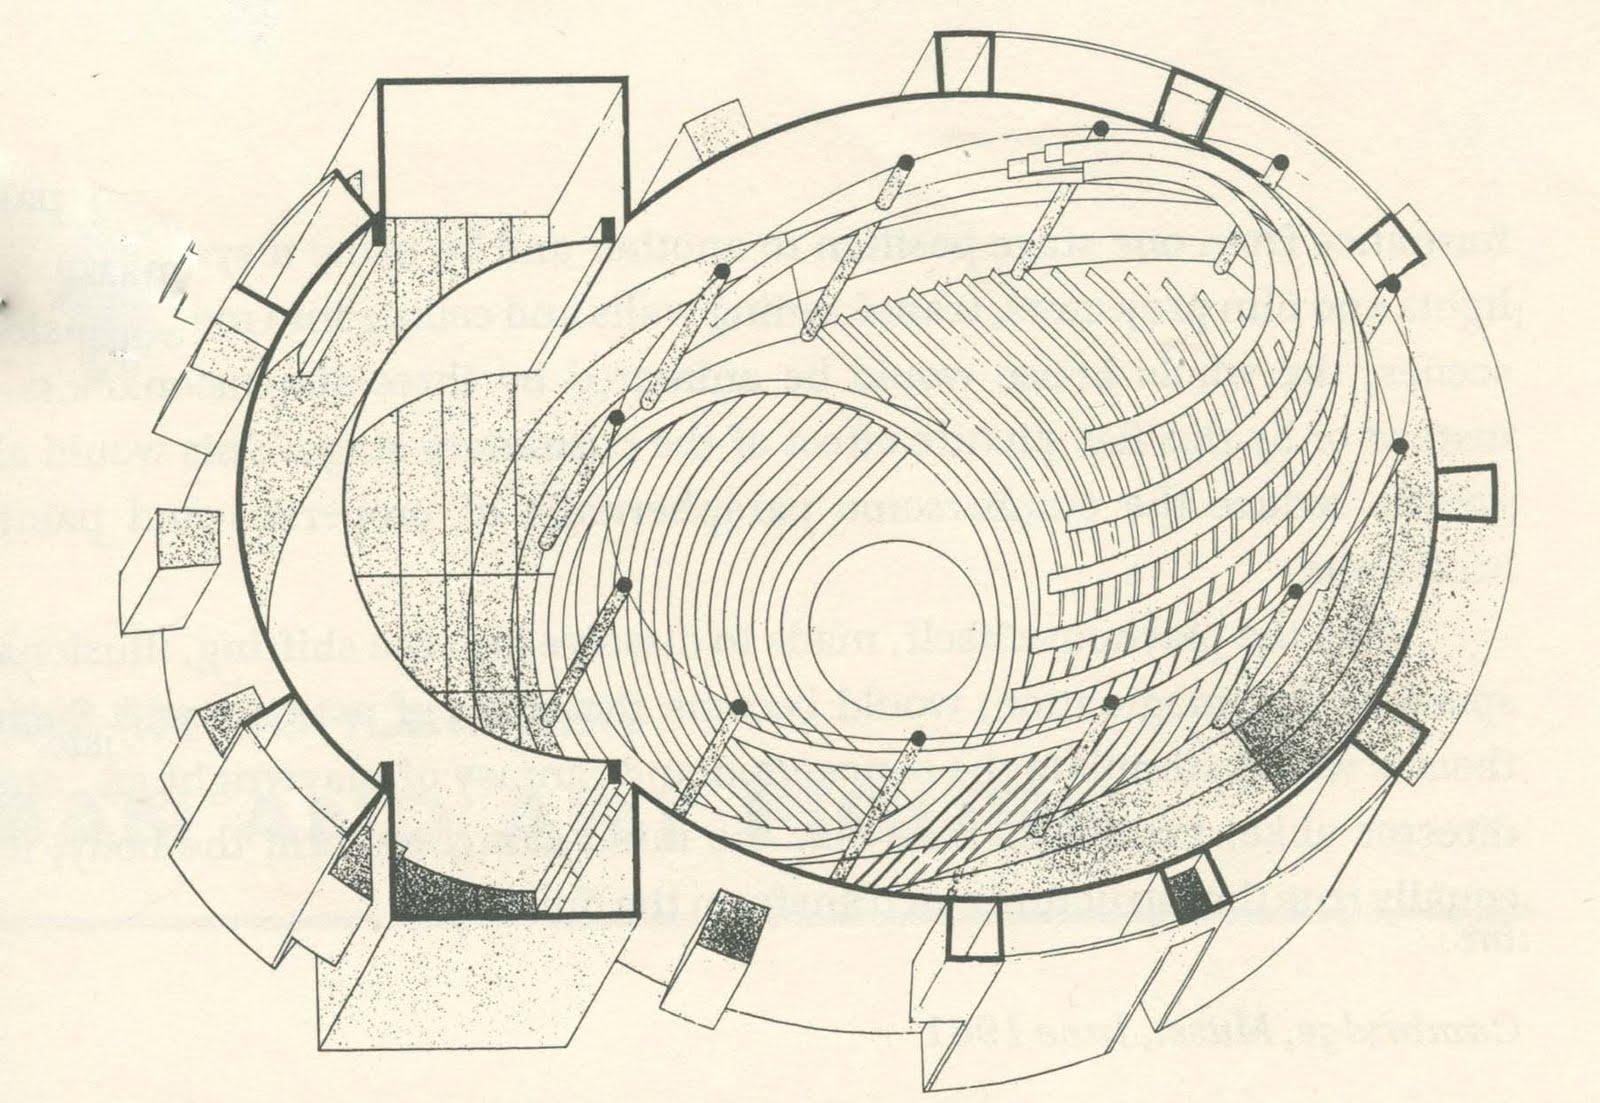 Walter Gropius Total Theater for Erwin Piscator, Berlin, 1927 columns